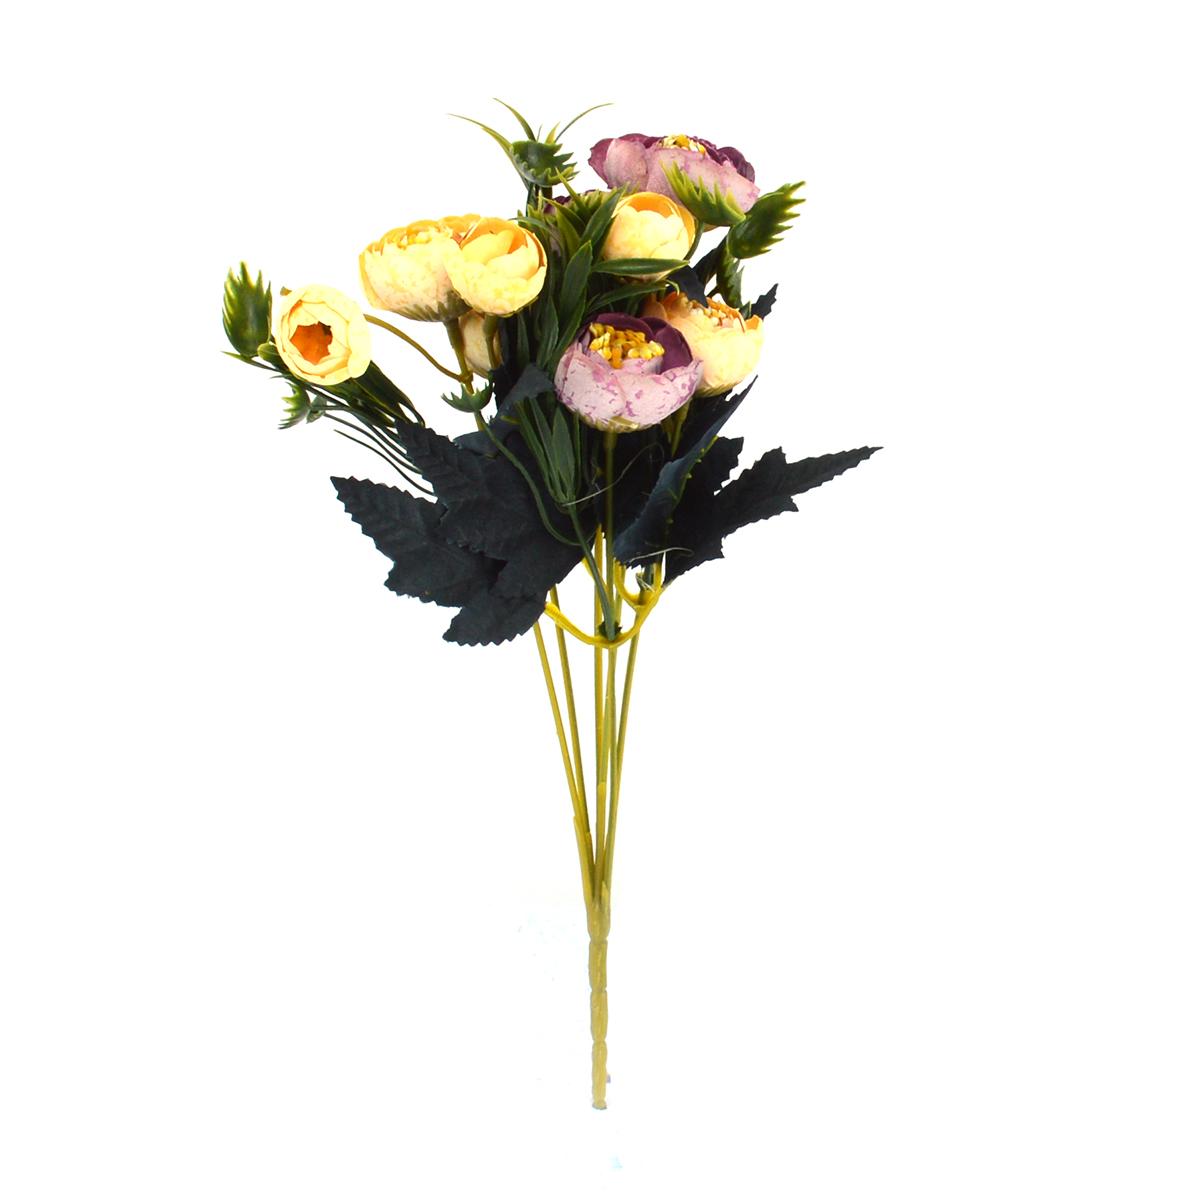 Ambalaje Flori ONLINE vinde Mini Buchet Ranunculus Vintage Frez cu Liliac la pretul de 7.9 lei